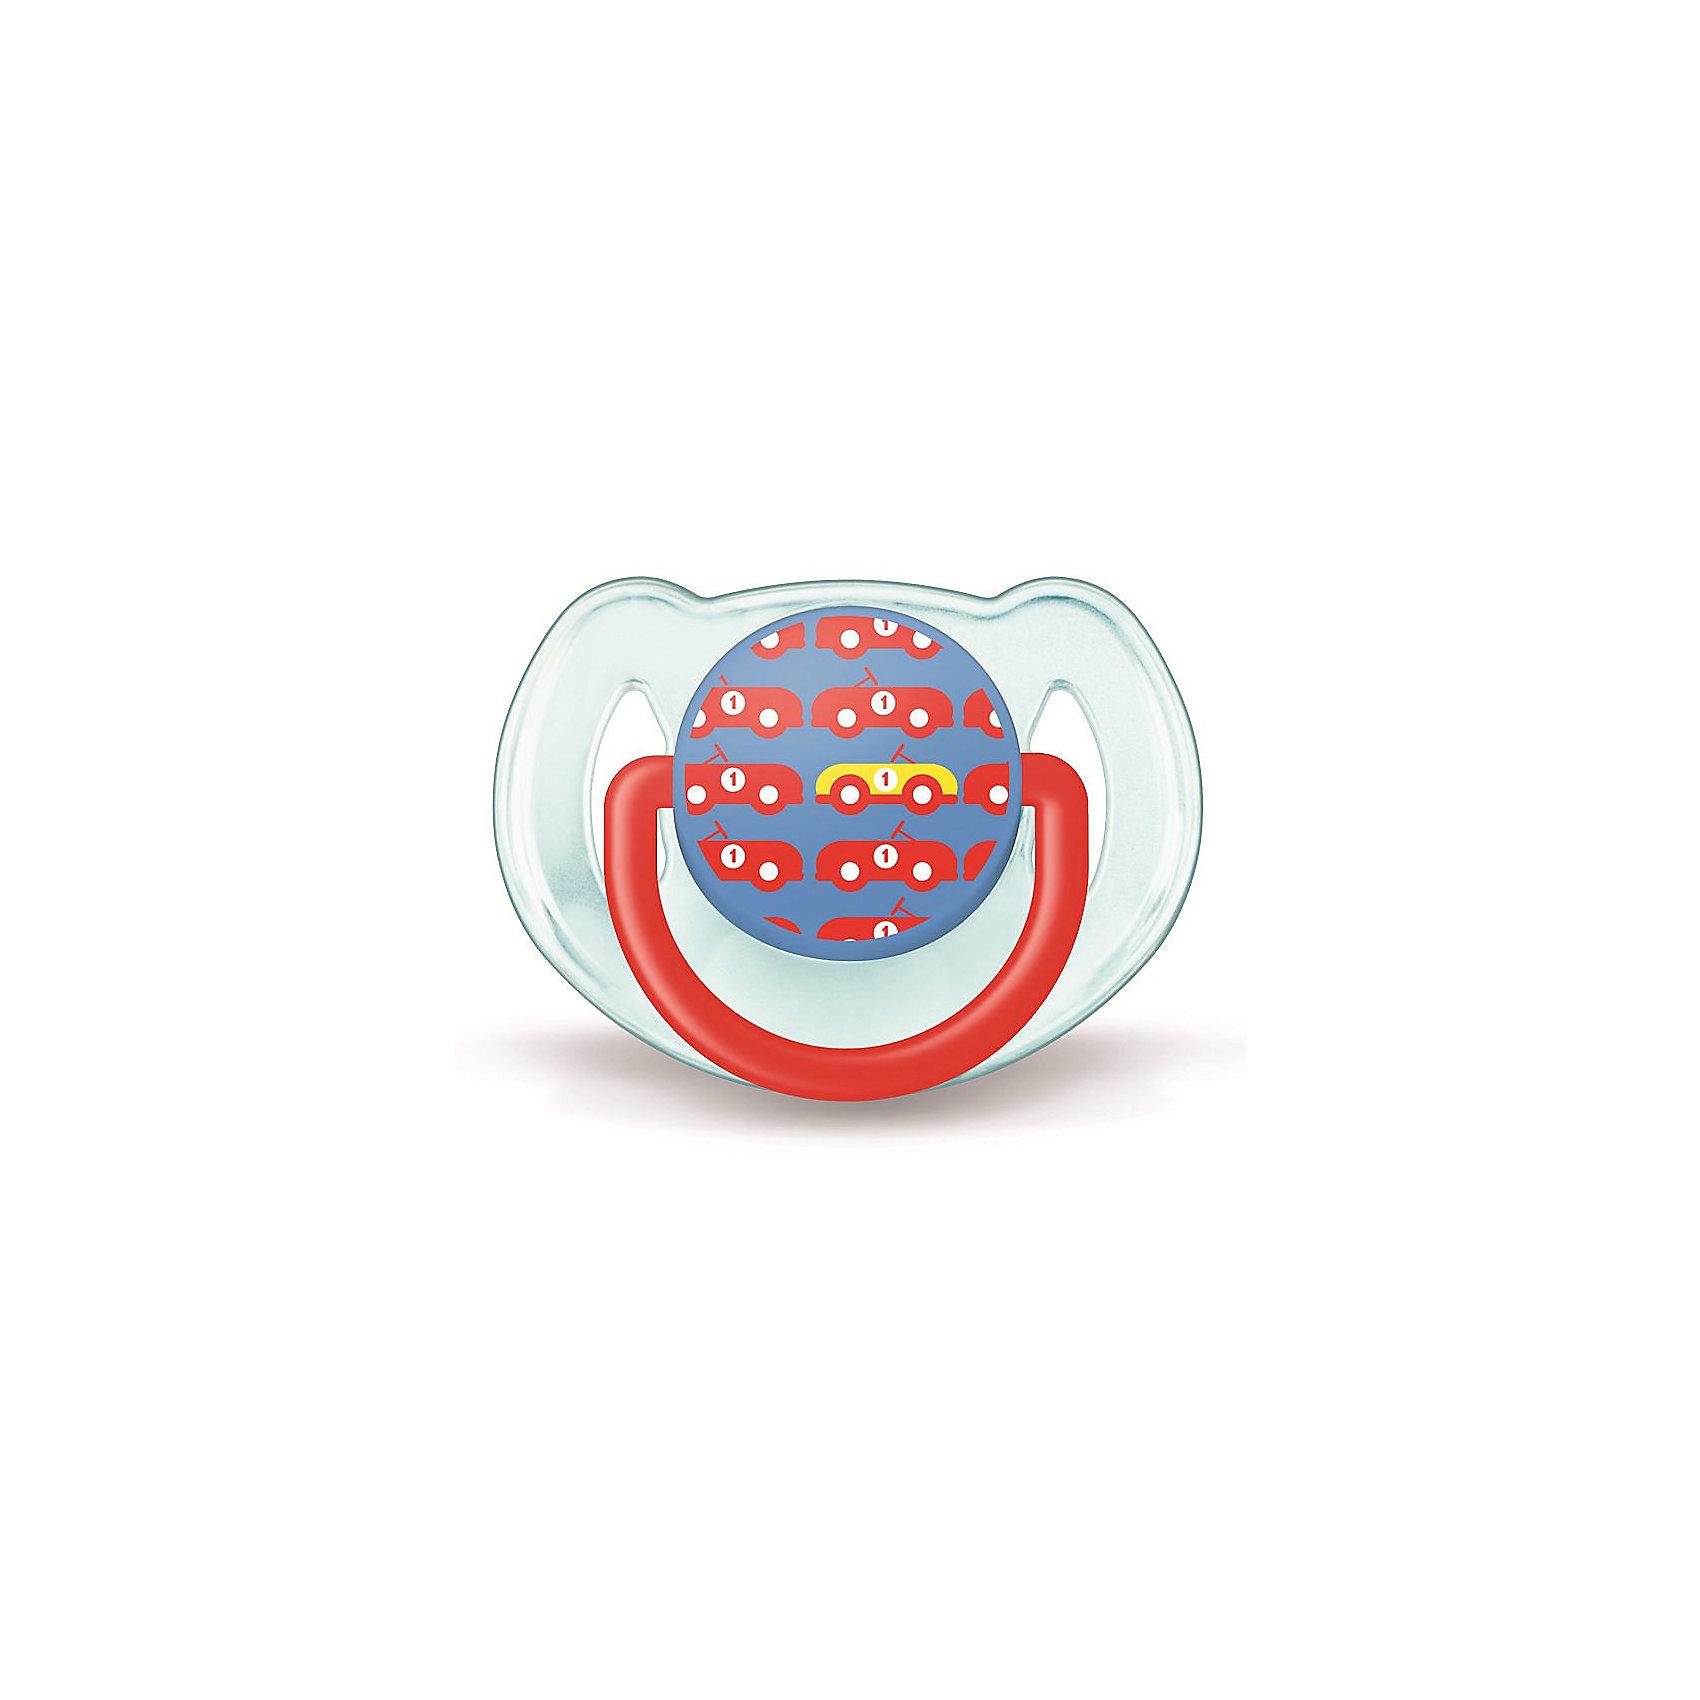 Пустышка Дизайн для мальчика, 6-18 мес., 1 шт., AVENTПустышки из силикона<br>Плоские симметричные соски пустышек Philips AVENT (Авент) каплевидной формы учитывают строение и естественное развитие неба, зубов и десен малыша и гарантируют комфорт, даже если пустышка переворачивается во рту.<br><br>Силиконовые соски пустышек Philips AVENT (Авент) не обладают вкусом и запахом, что делает их наиболее приемлемыми для малыша. Силикон — это мягкий и прозрачный материал, который не липнет и легко моется. Такая соска прочна и прослужит долго, не потеряв со временем форму и цвет.<br><br>Дополнительная информация:<br><br>Ортодонтическая, симметричная съемная соска<br>Можно стерилизовать<br>Можно мыть в посудомоечной машине<br>Предохранительное кольцо-держатель (Позволяет с легкостью вынуть пустышку Philips AVENT (Авент) в любой момент.)<br>Без запаха и вкуса<br>Без бисфенола-А<br><br>В комплекте:<br><br>Силиконовая соска: 1 шт.<br>Защелкивающийся защитный колпачок: 1 шт.<br><br>Ширина мм: 48<br>Глубина мм: 103<br>Высота мм: 115<br>Вес г: 728<br>Возраст от месяцев: 6<br>Возраст до месяцев: 18<br>Пол: Мужской<br>Возраст: Детский<br>SKU: 3288986